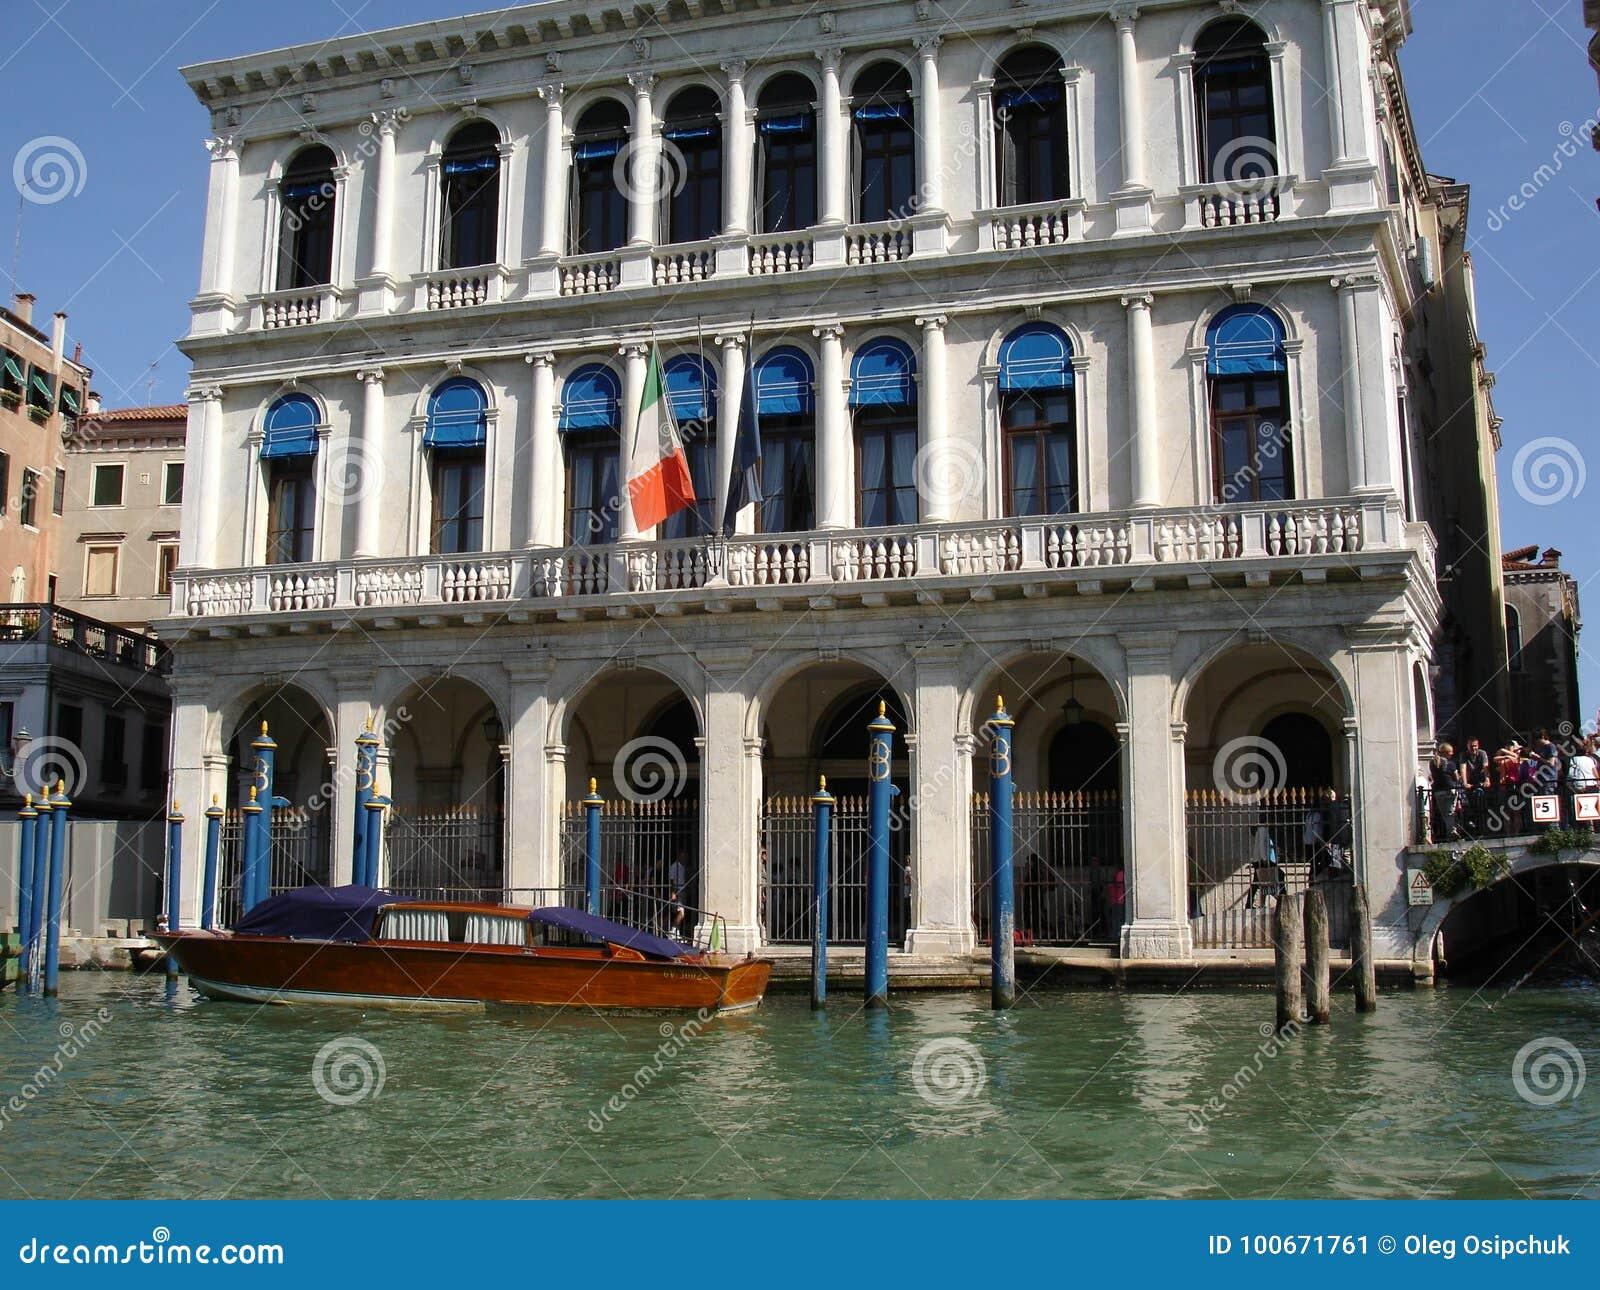 Venedig-Palast-Gondel-Karnevals-Feiertags-Kanäle